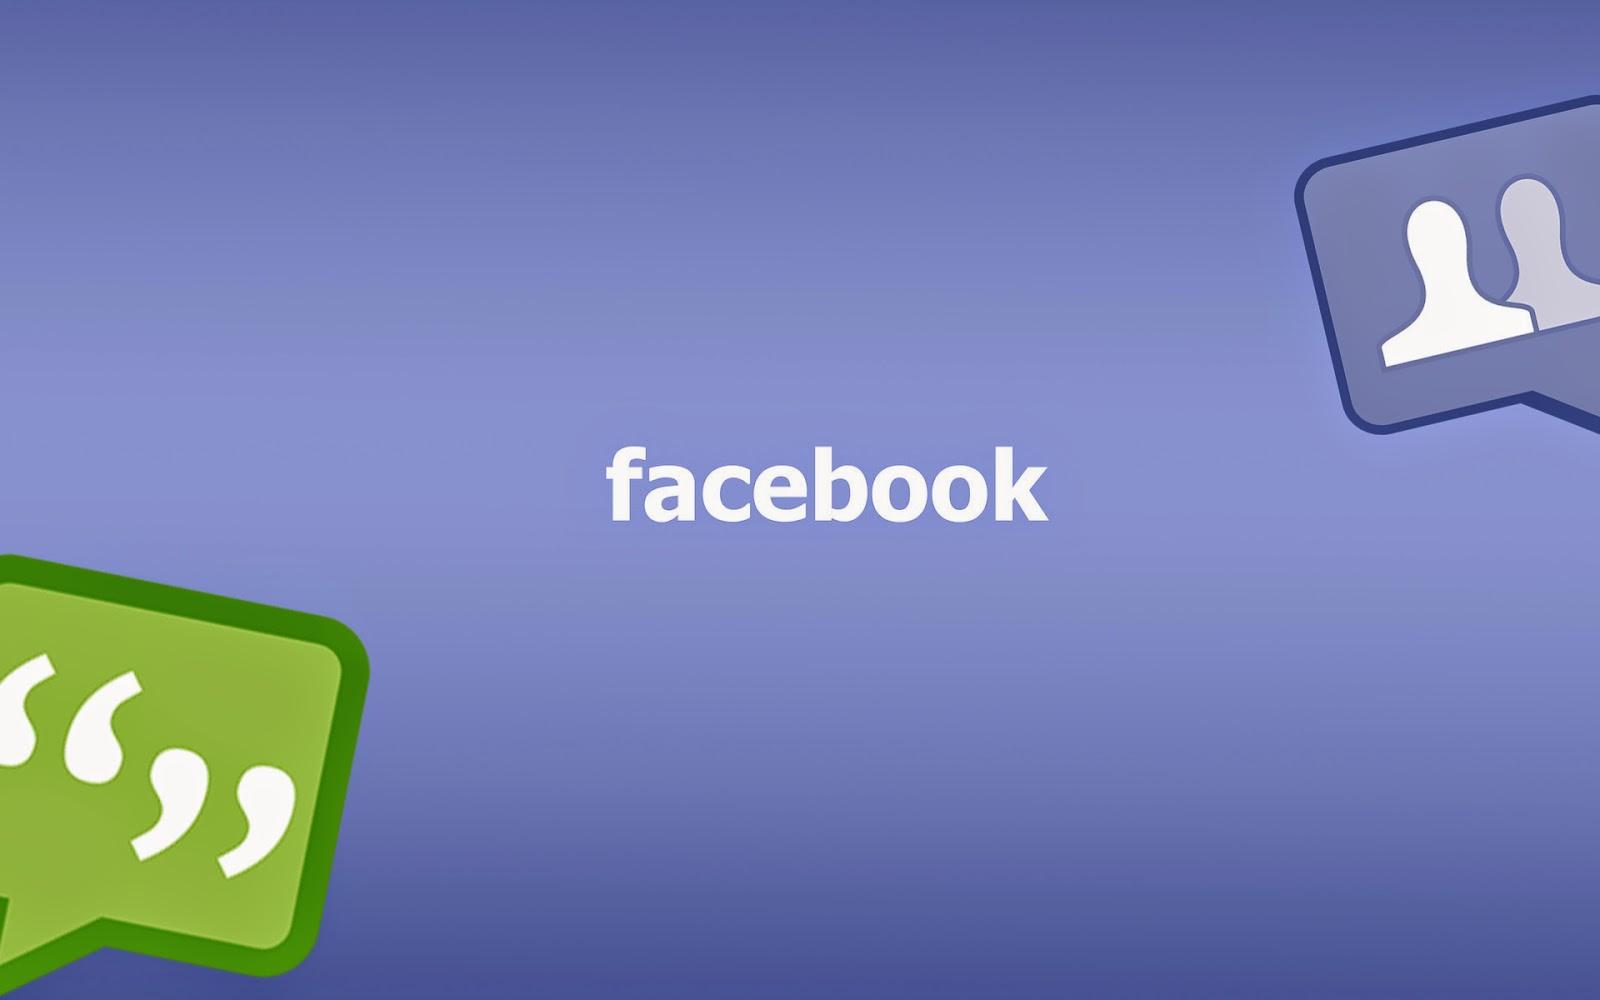 ثغرة في موقع فيسبوك تمكن المهاجم من حذف جميع ألبومات الصور